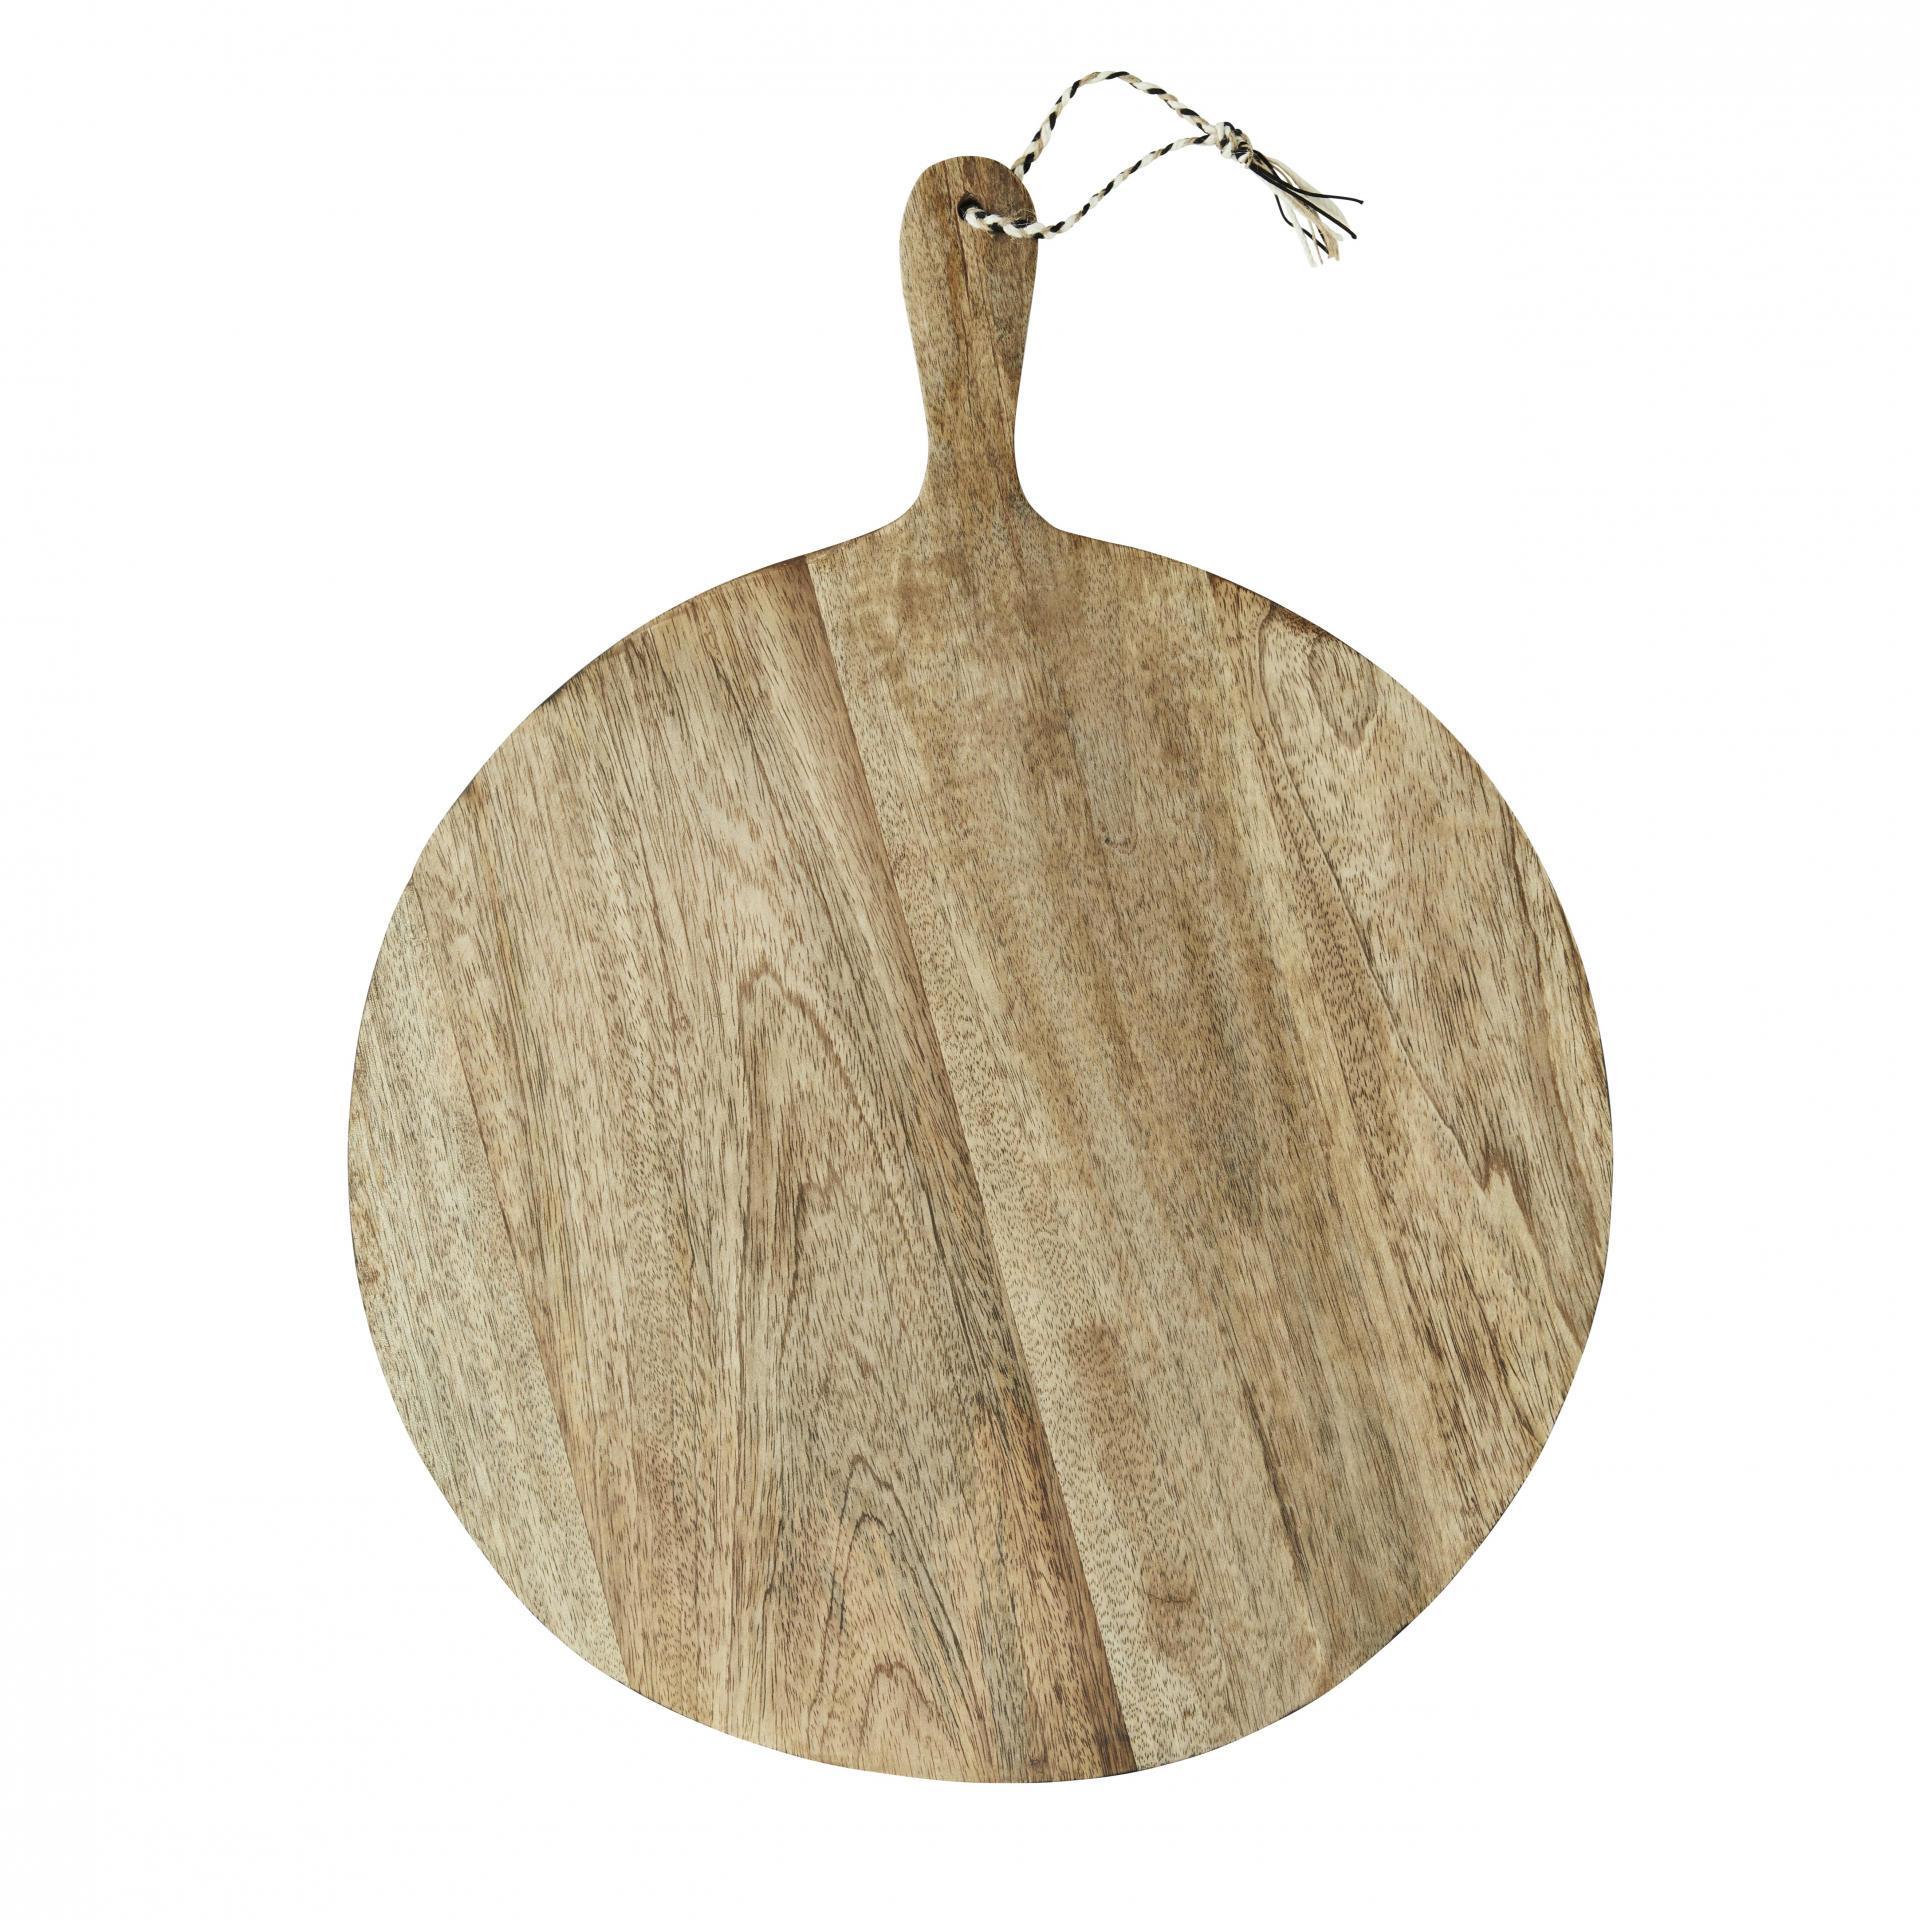 MADAM STOLTZ Kulaté krájecí prkénko Mango, přírodní barva, dřevo